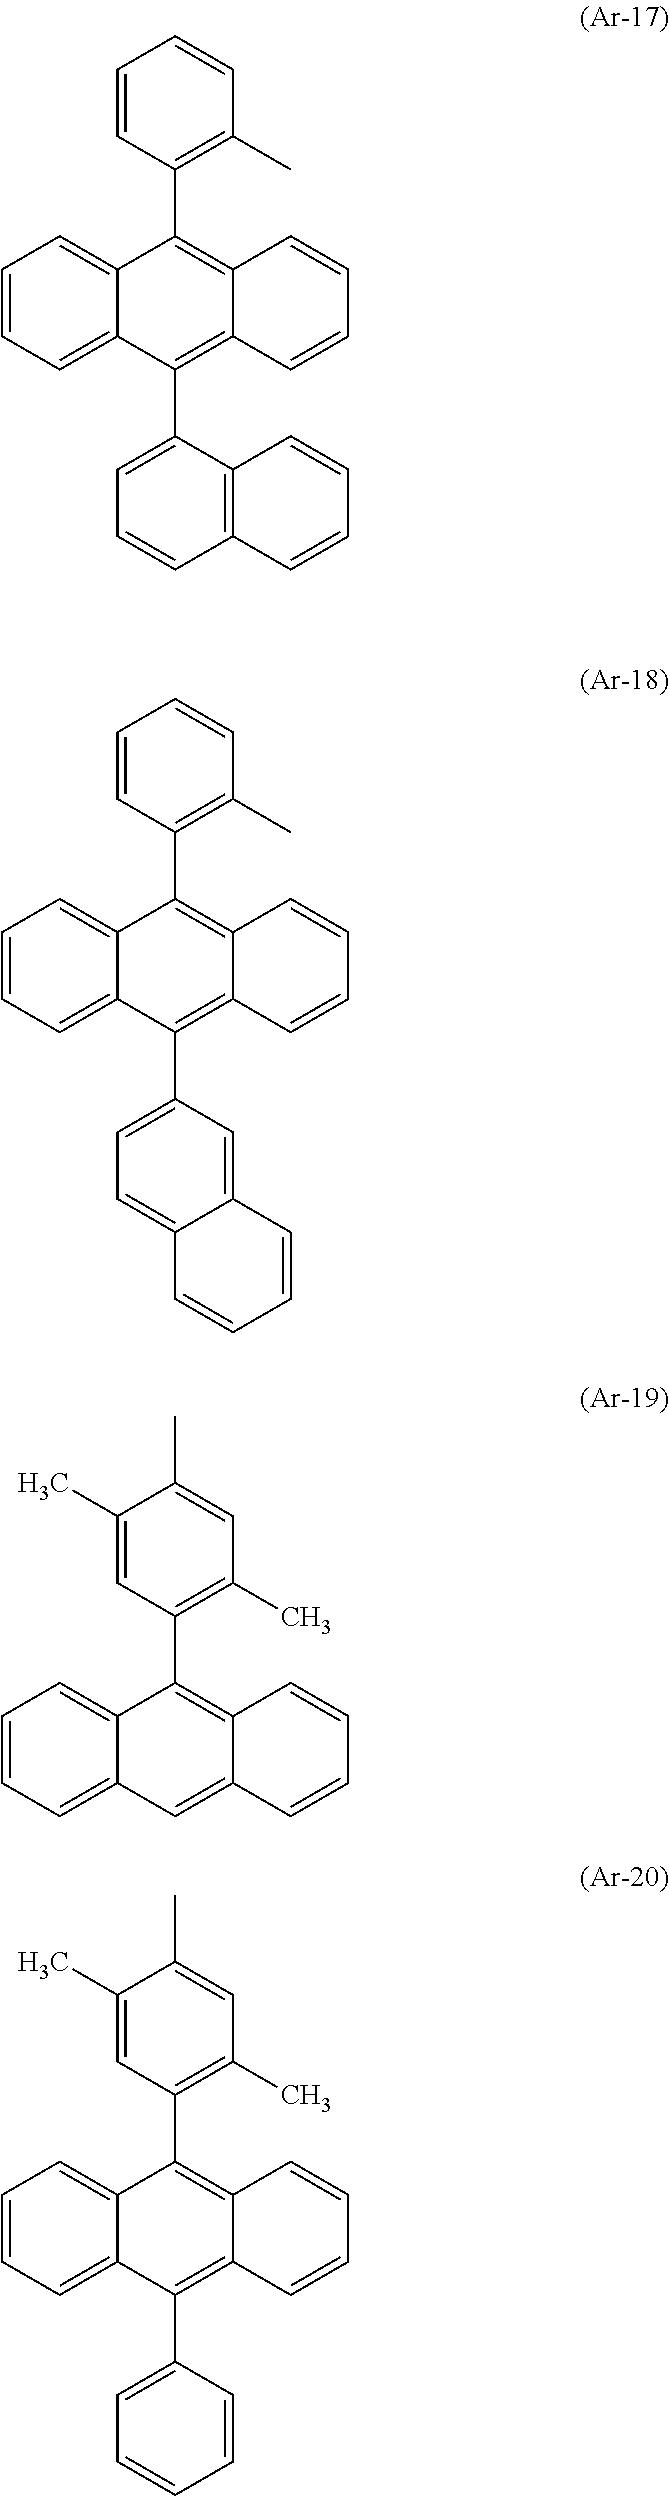 Figure US09240558-20160119-C00020